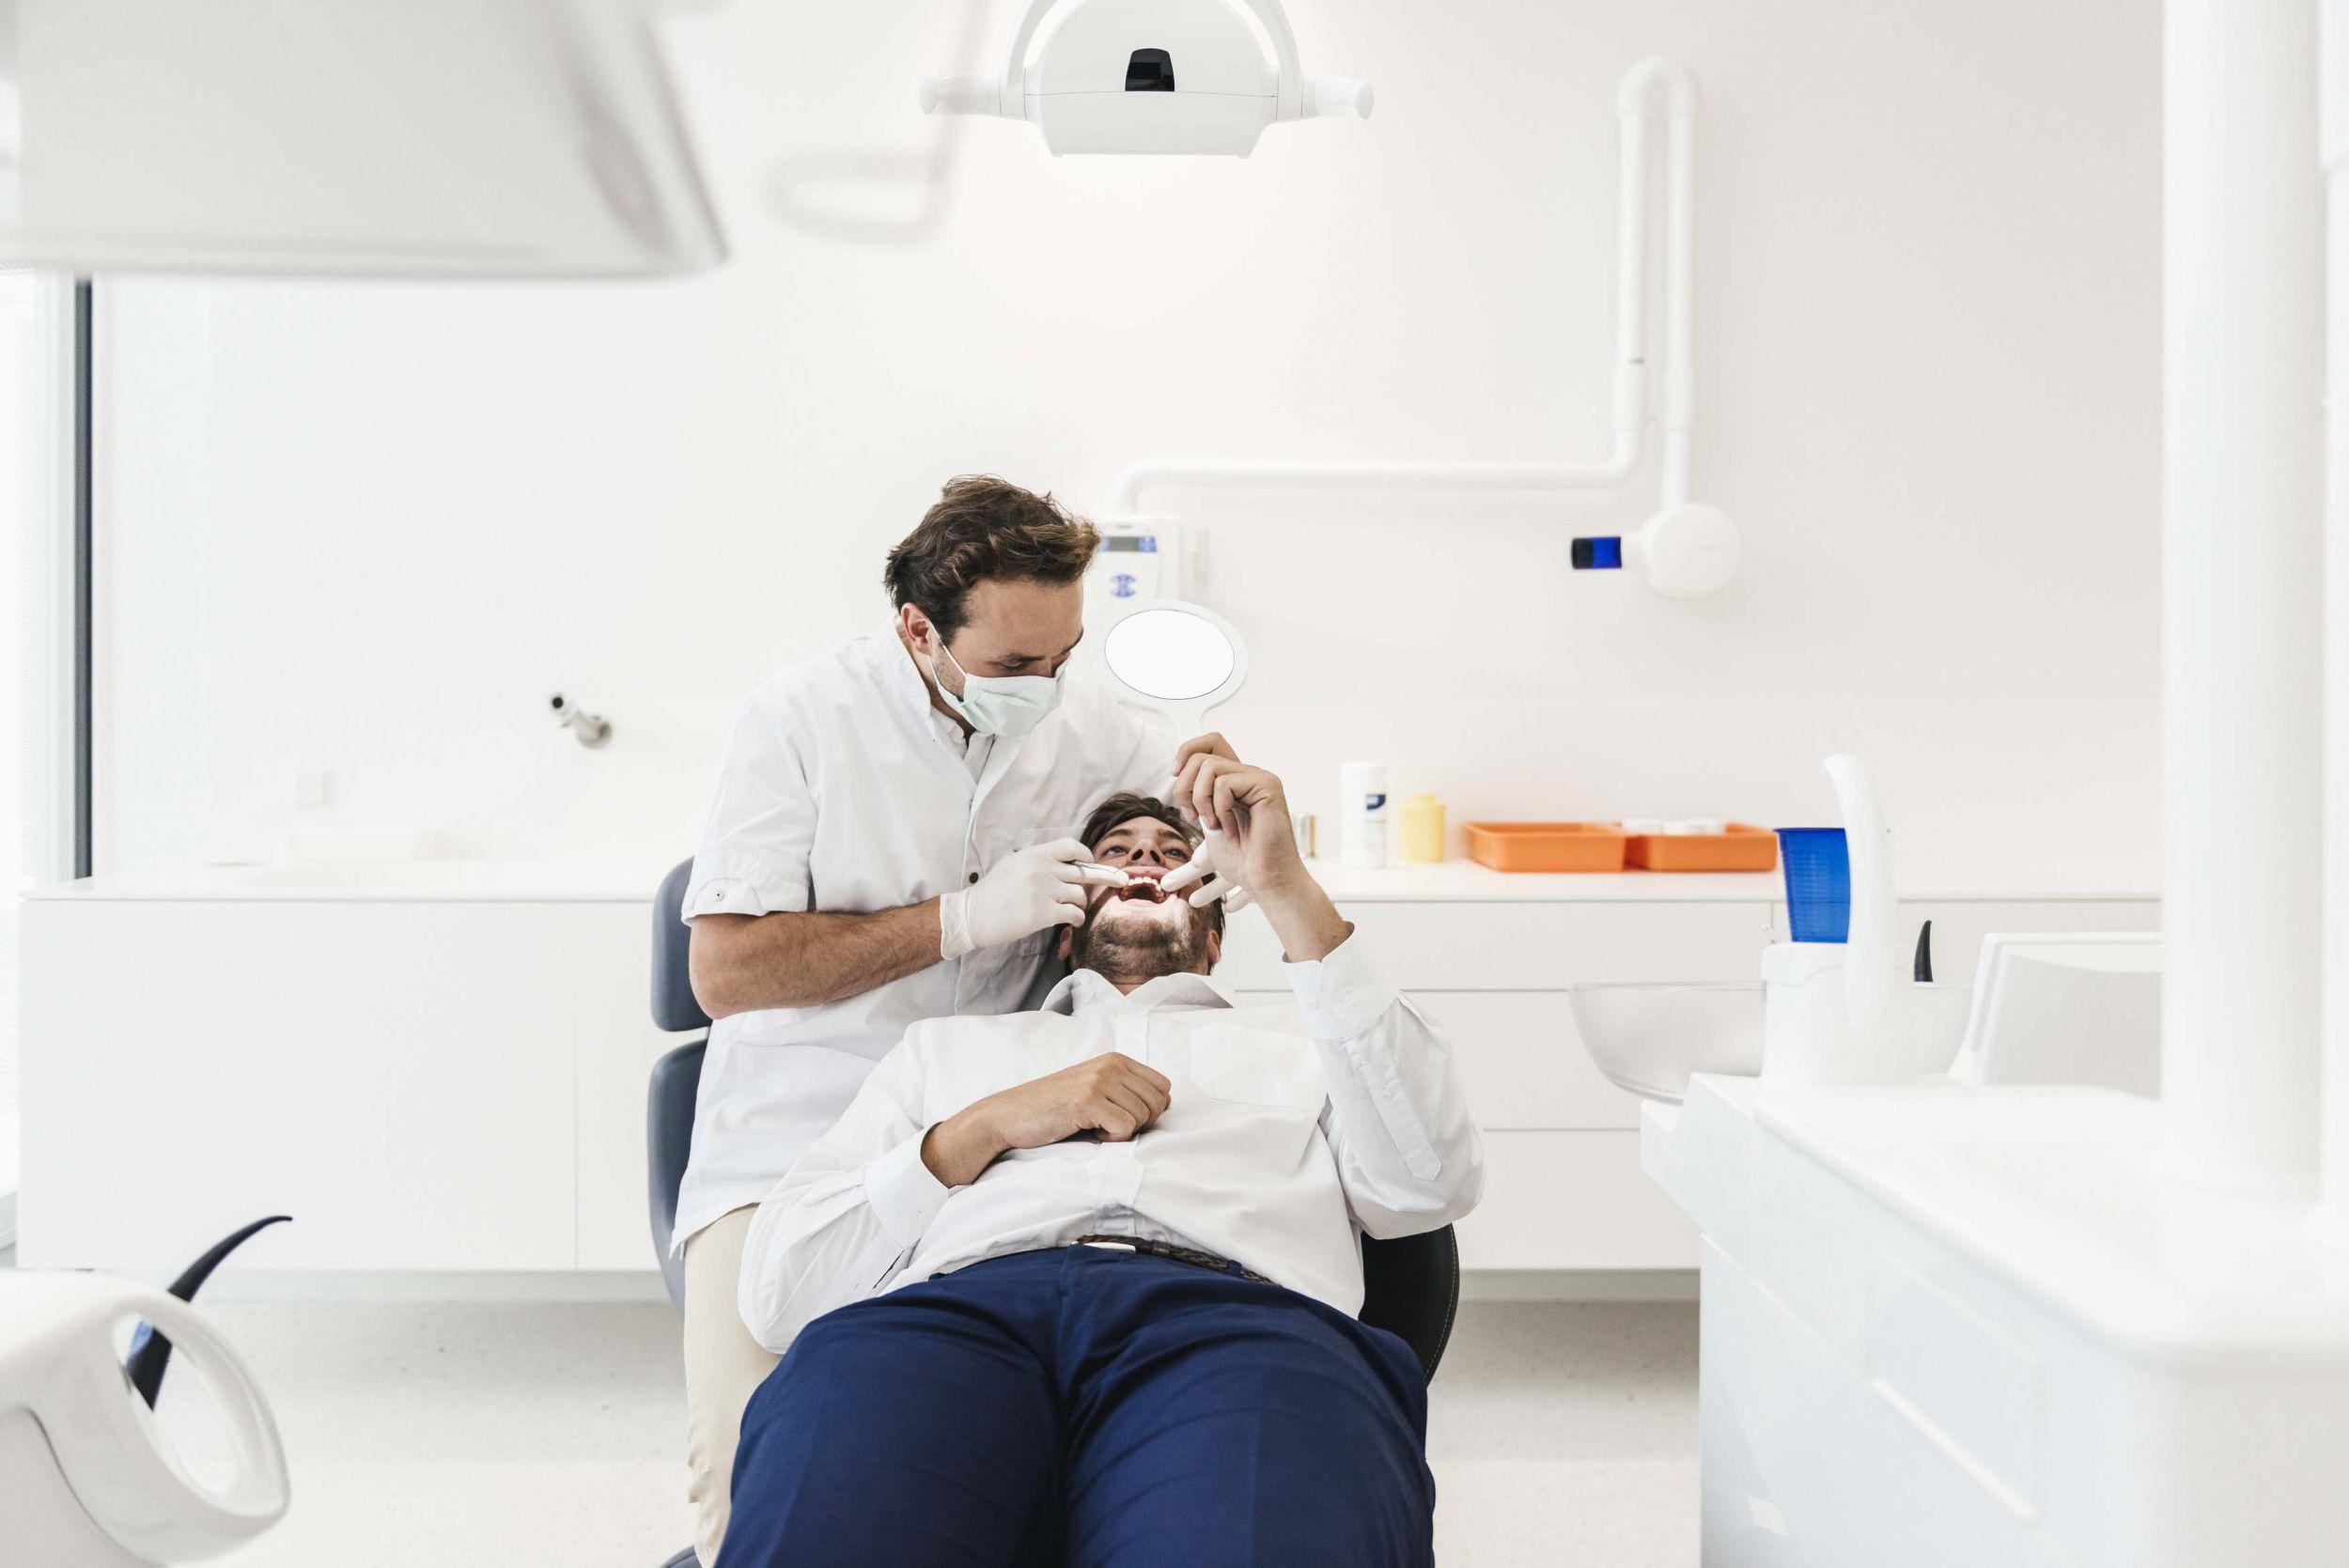 Tandens tandartsen tanden bleken